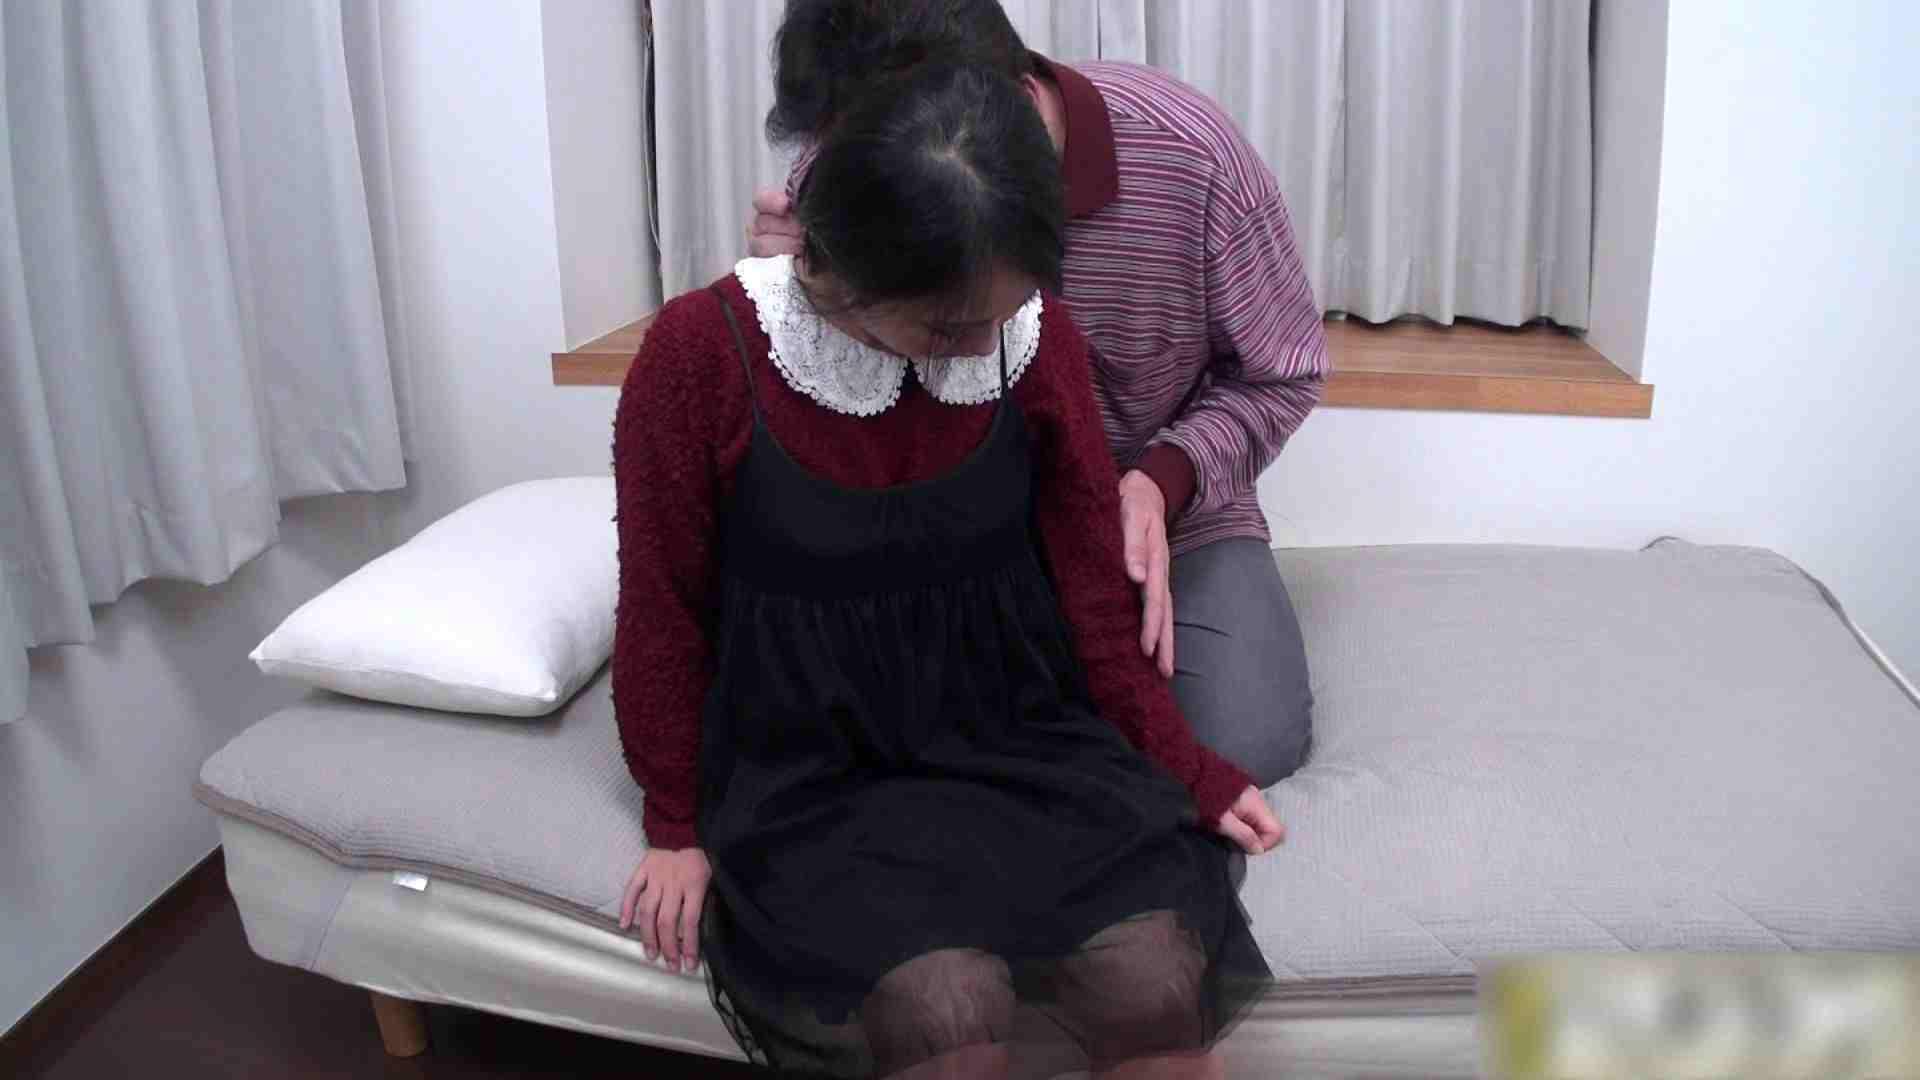 おしえてギャル子のH塾 Vol.12 前編 おっぱい娘 すけべAV動画紹介 59連発 8